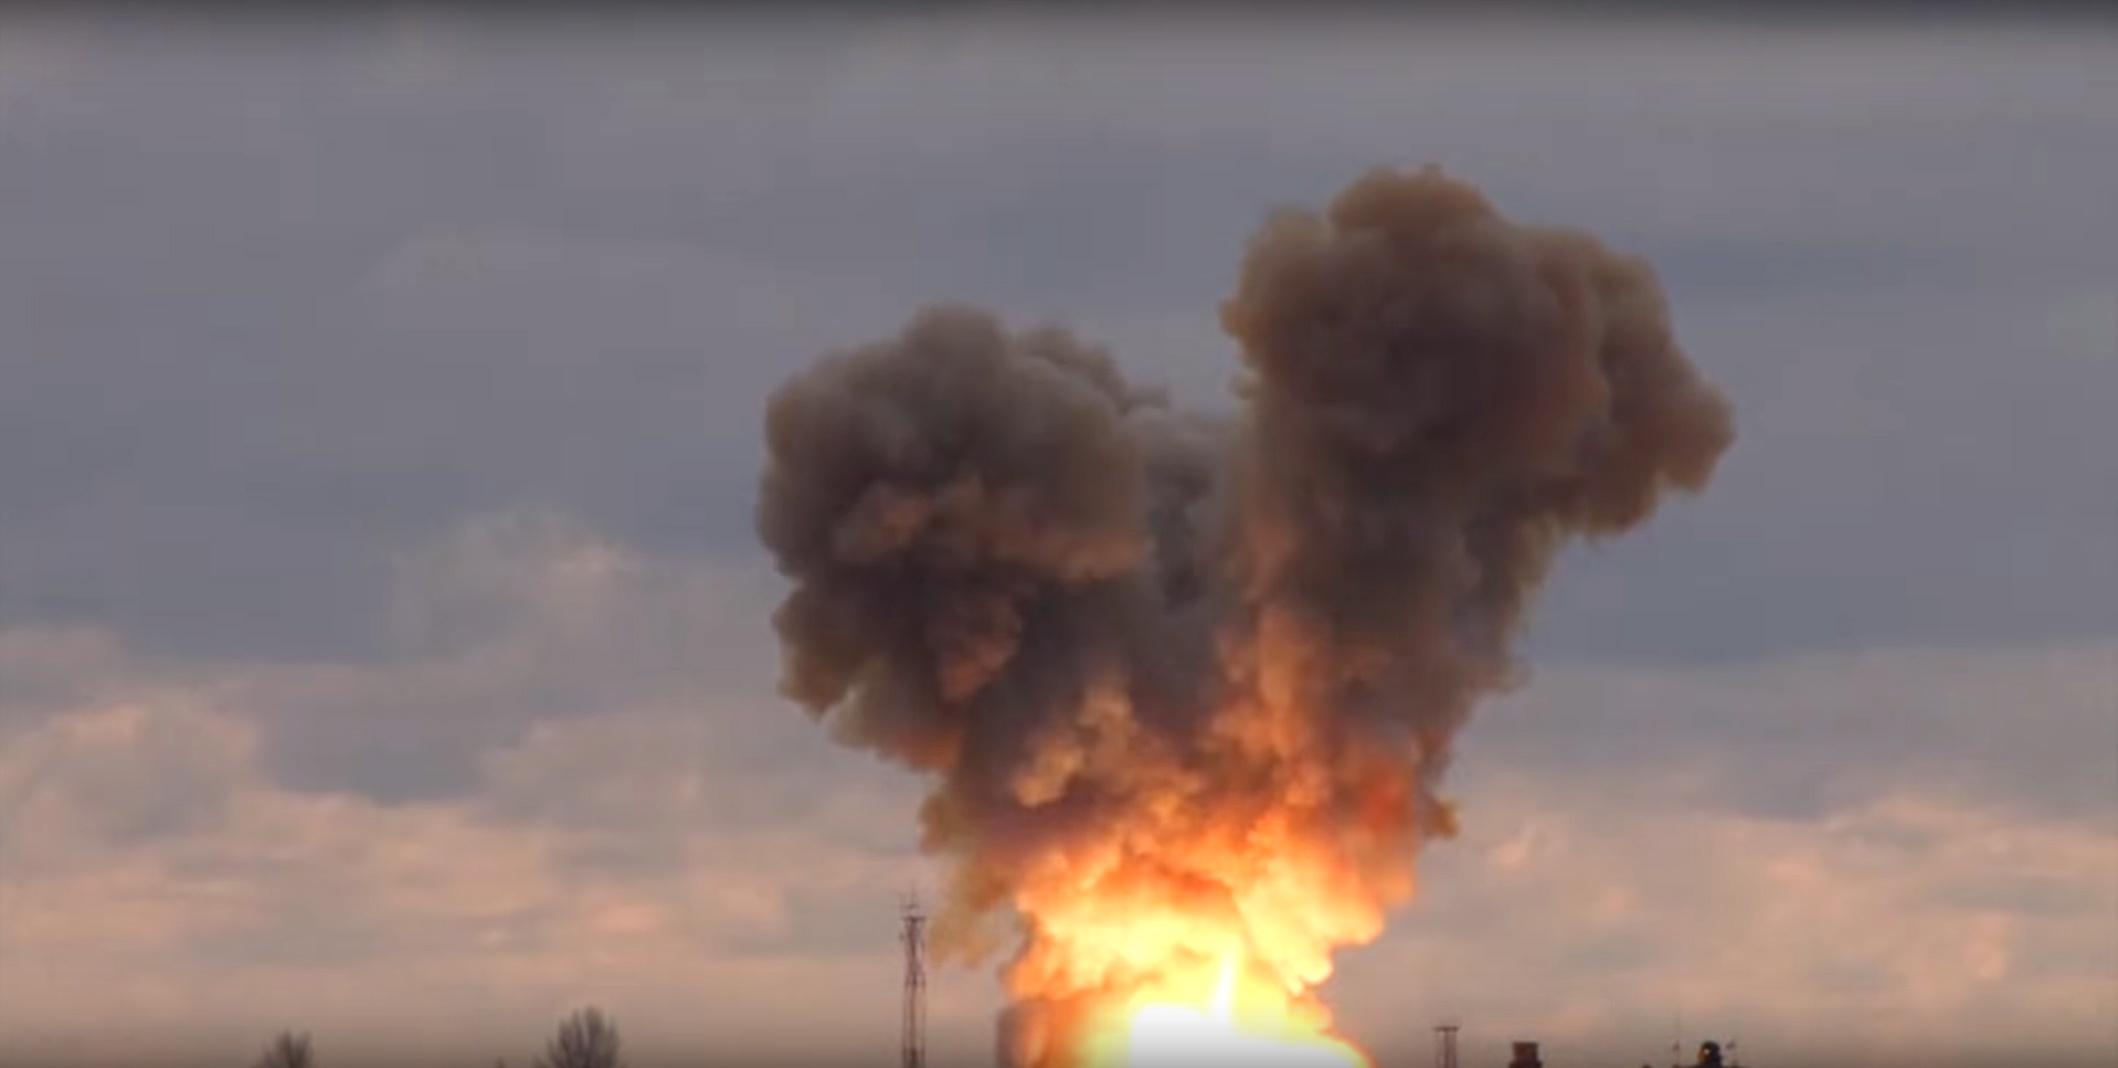 Rusija predstavila novu generaciju nuklearnog i konvencionalnog naoružanja